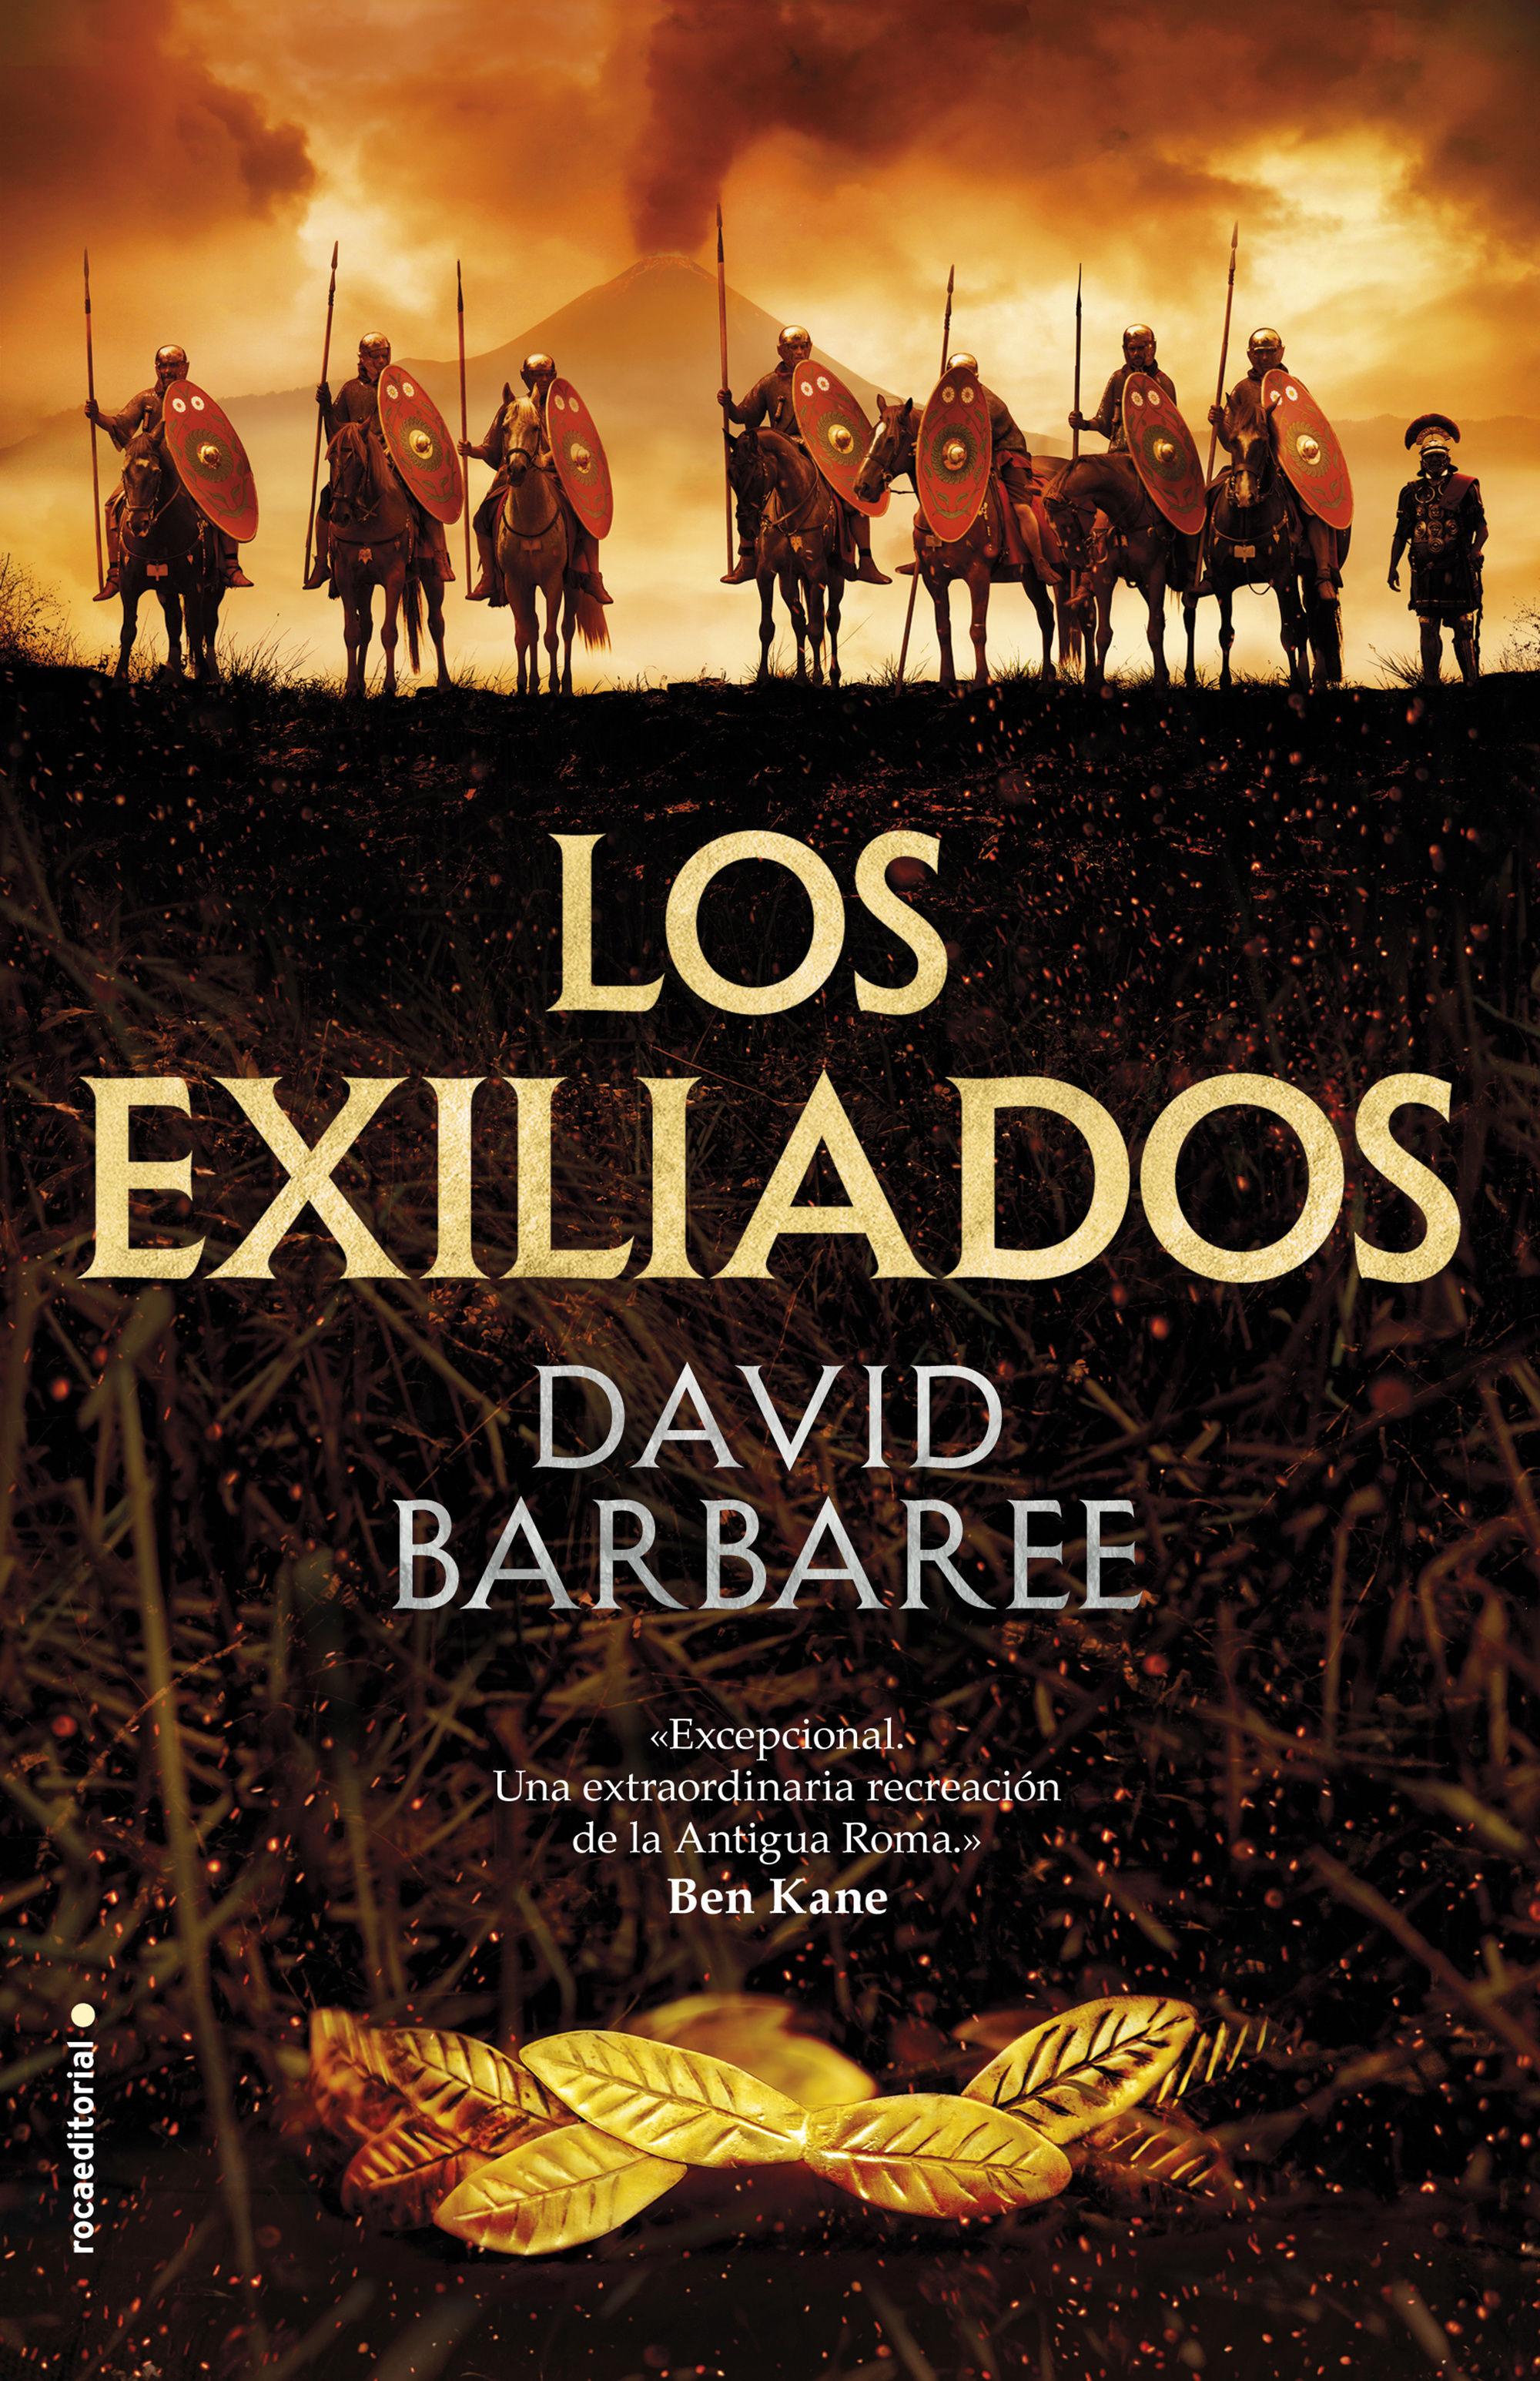 EXILIADOS LOS